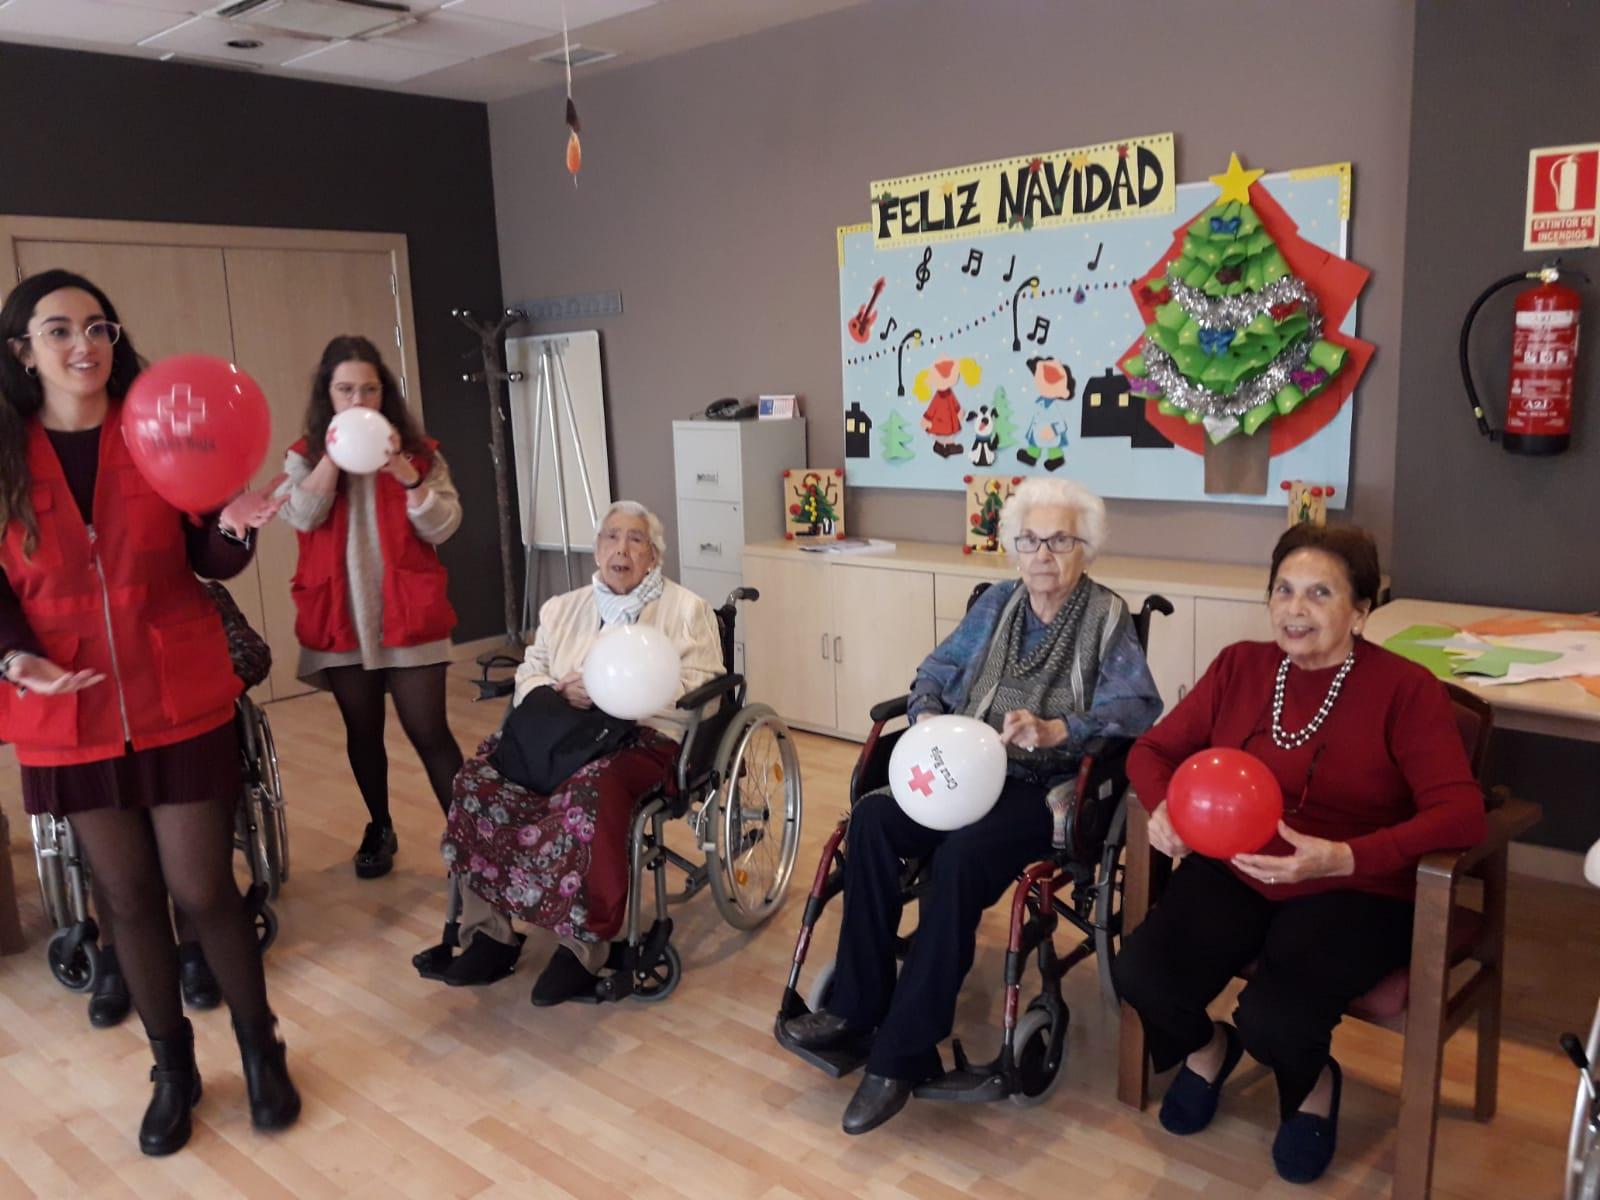 Musicoterapia junto a voluntarios en DomusVi Santa Justa 3